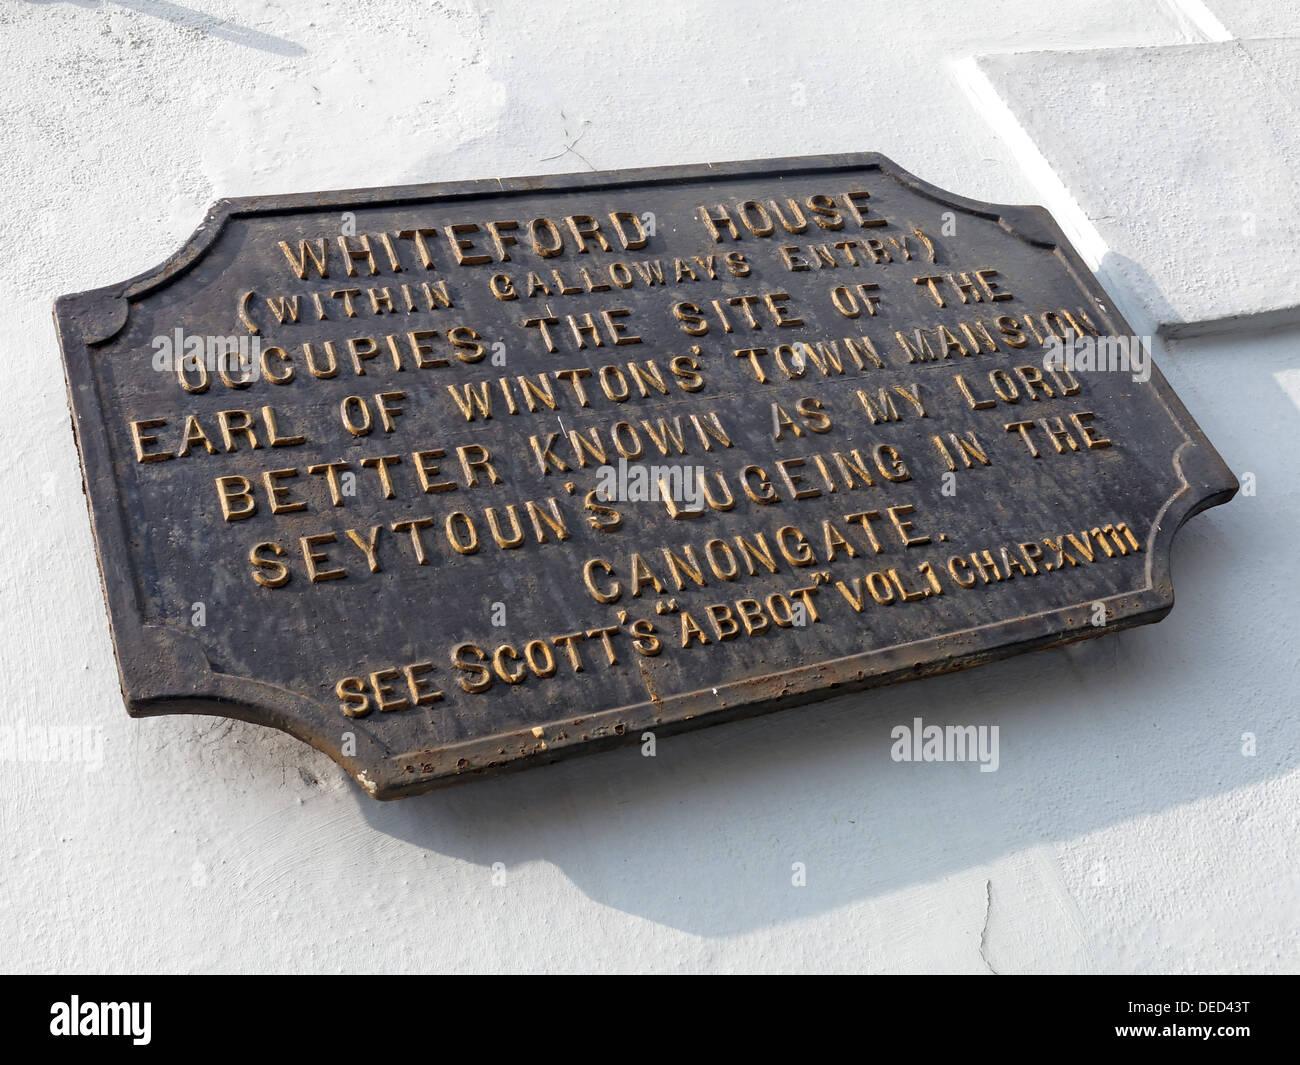 Laden Sie dieses Alamy Stockfoto Whiteford Haus Plaque, Canongate, Holyrood Edinburgh Schottland - DED43T